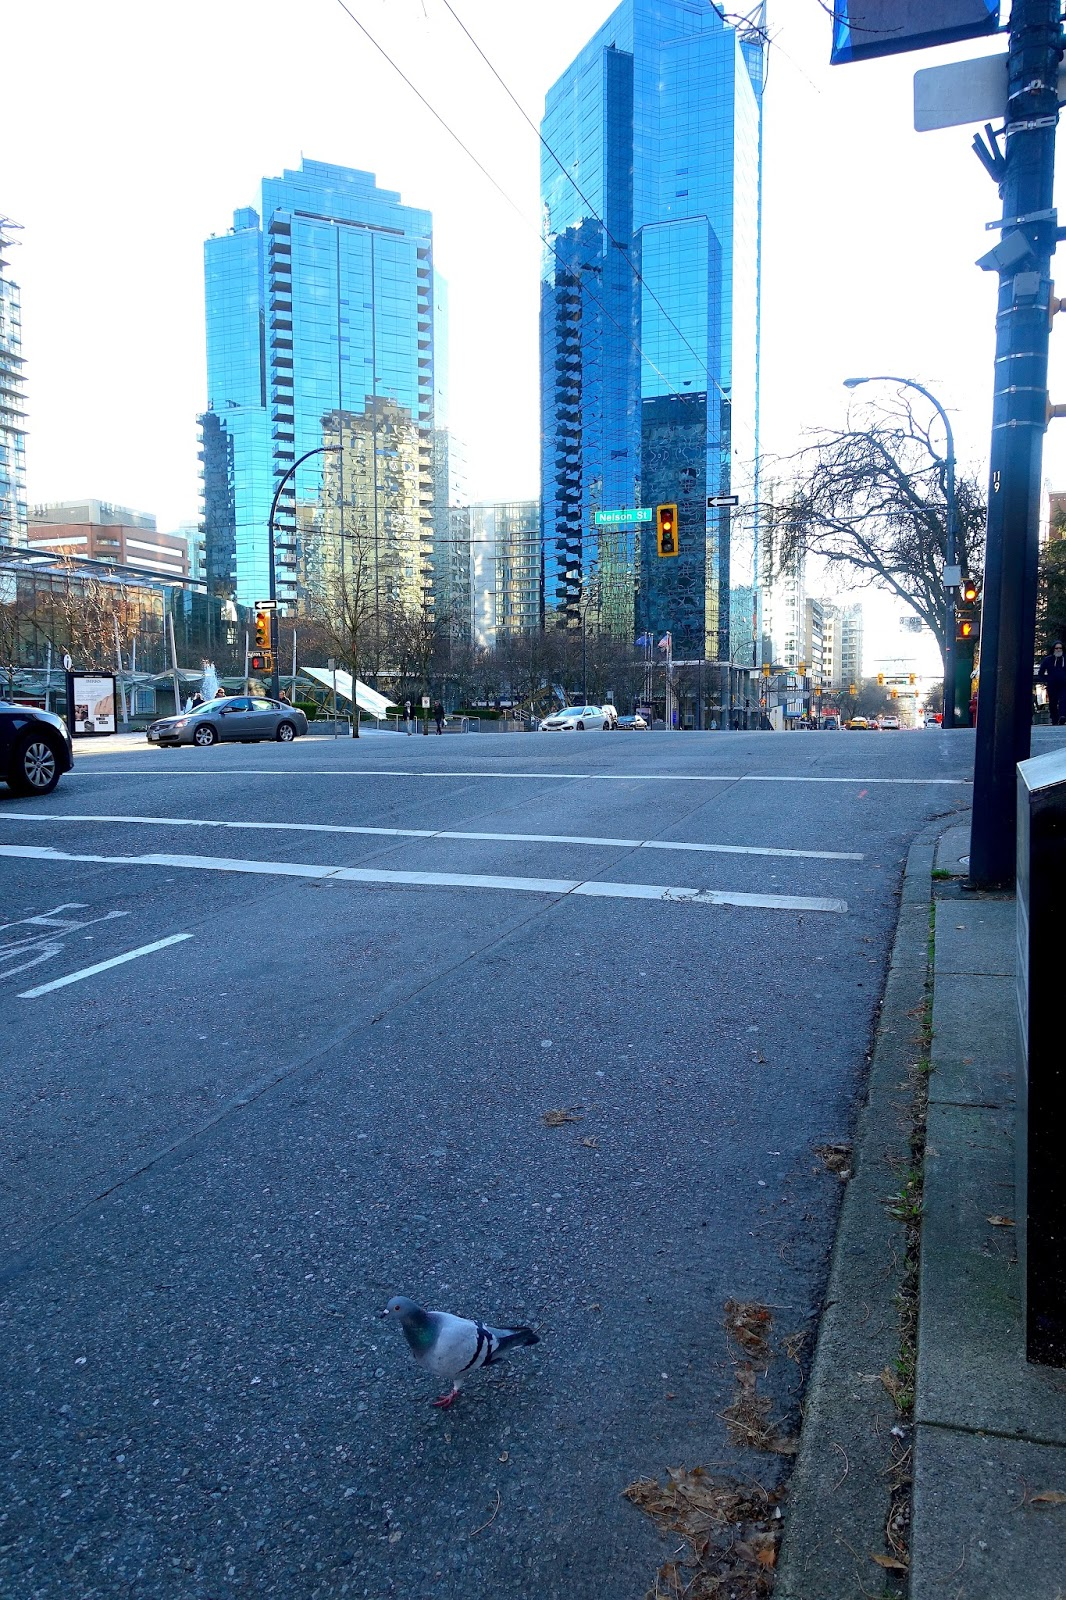 Fairmont Hotel Burrard Vancouver